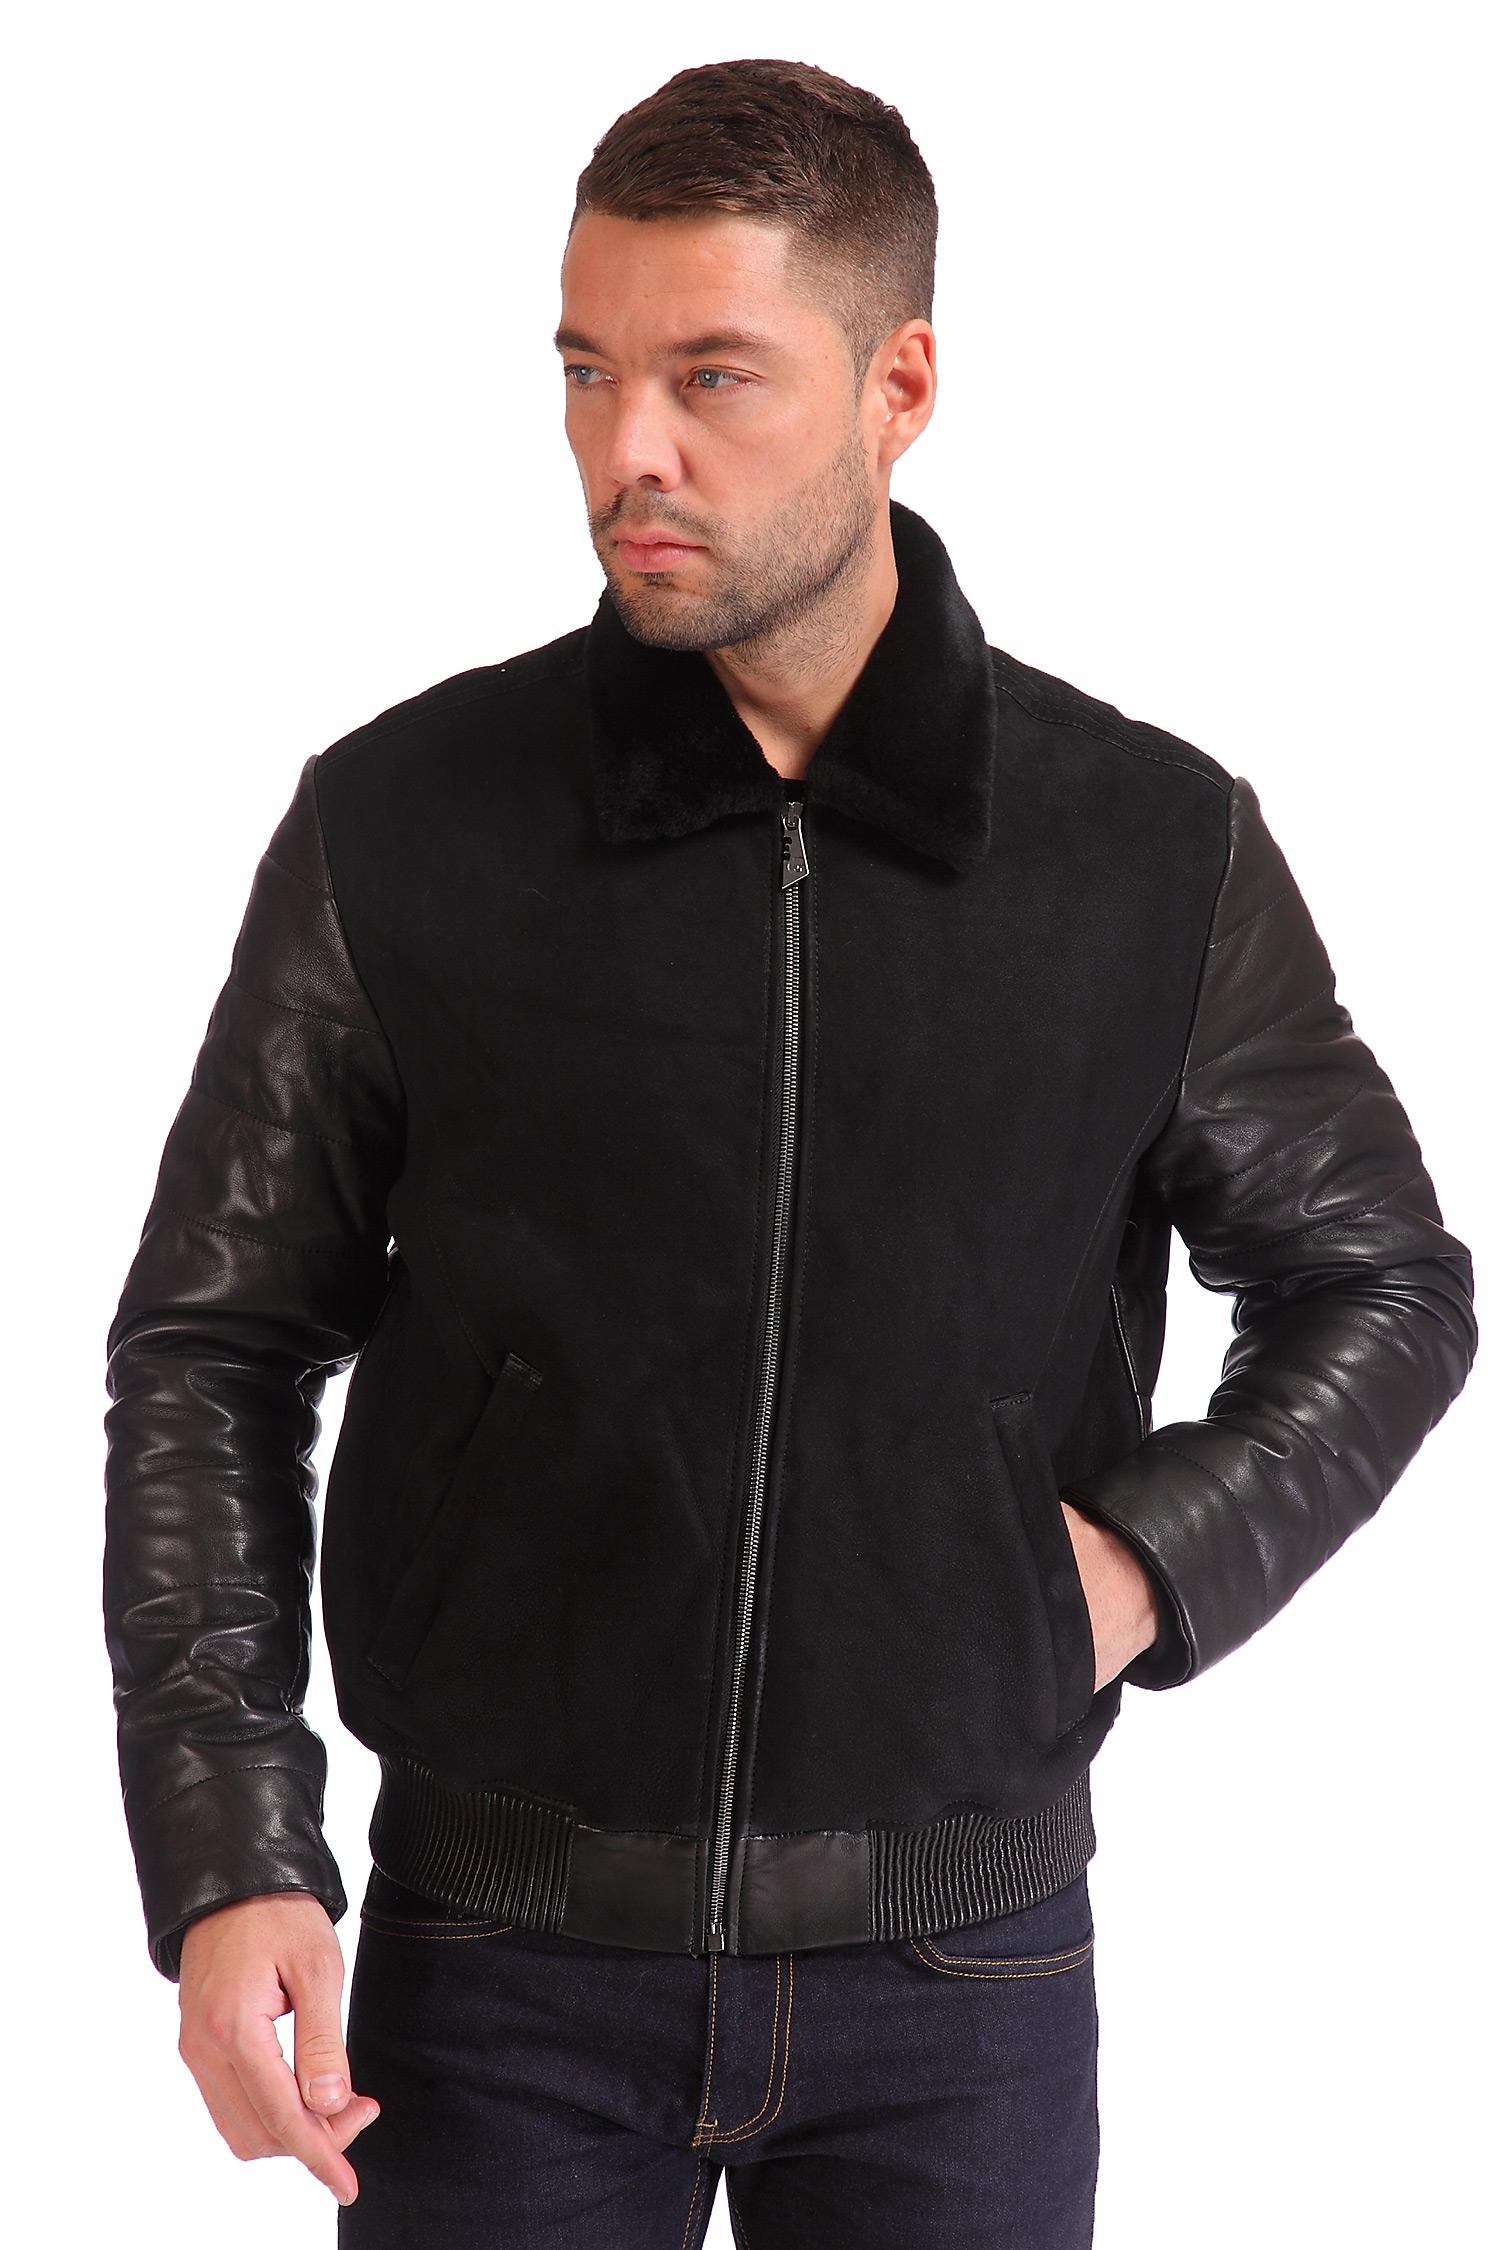 Мужская кожаная куртка из натуральной кожи с воротником, отделка овчина<br><br>Воротник: отложной<br>Длина см: Короткая (51-74 )<br>Материал: Замша<br>Цвет: черный<br>Вид застежки: центральная<br>Застежка: на молнии<br>Пол: Мужской<br>Размер RU: 48